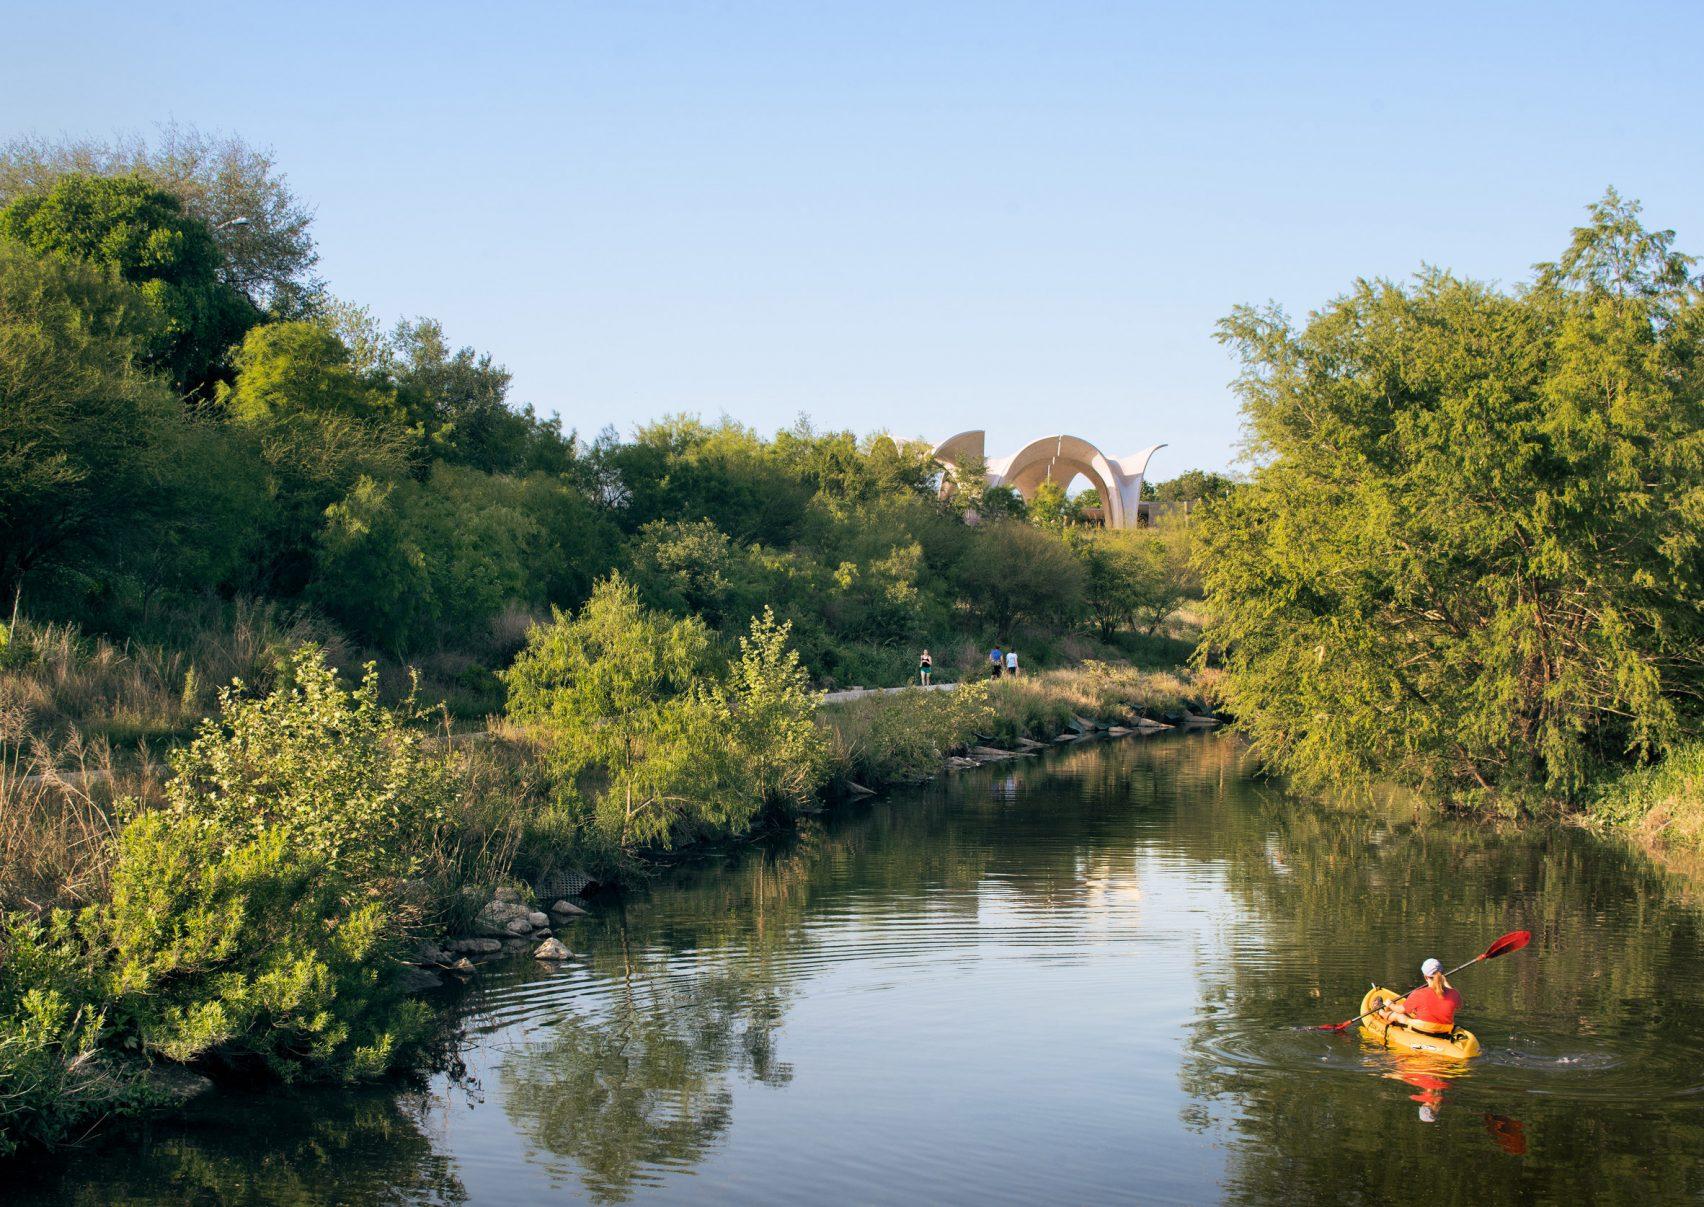 confluence-park-lake-flato-casey dunn-13